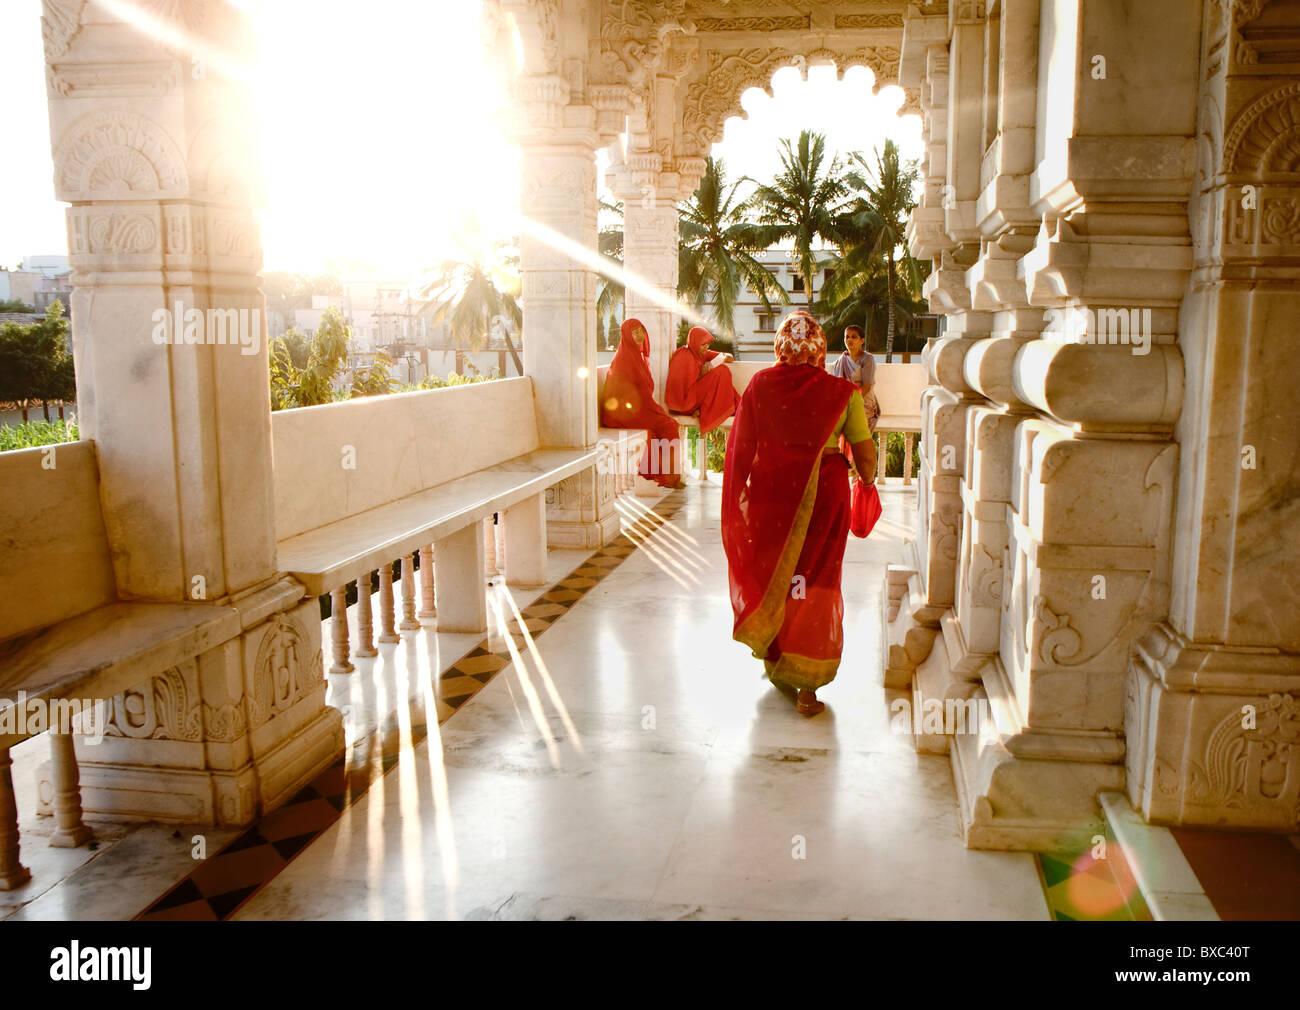 Uno splendido scenario a un tempio in Mandvi, Gujarat, India Immagini Stock